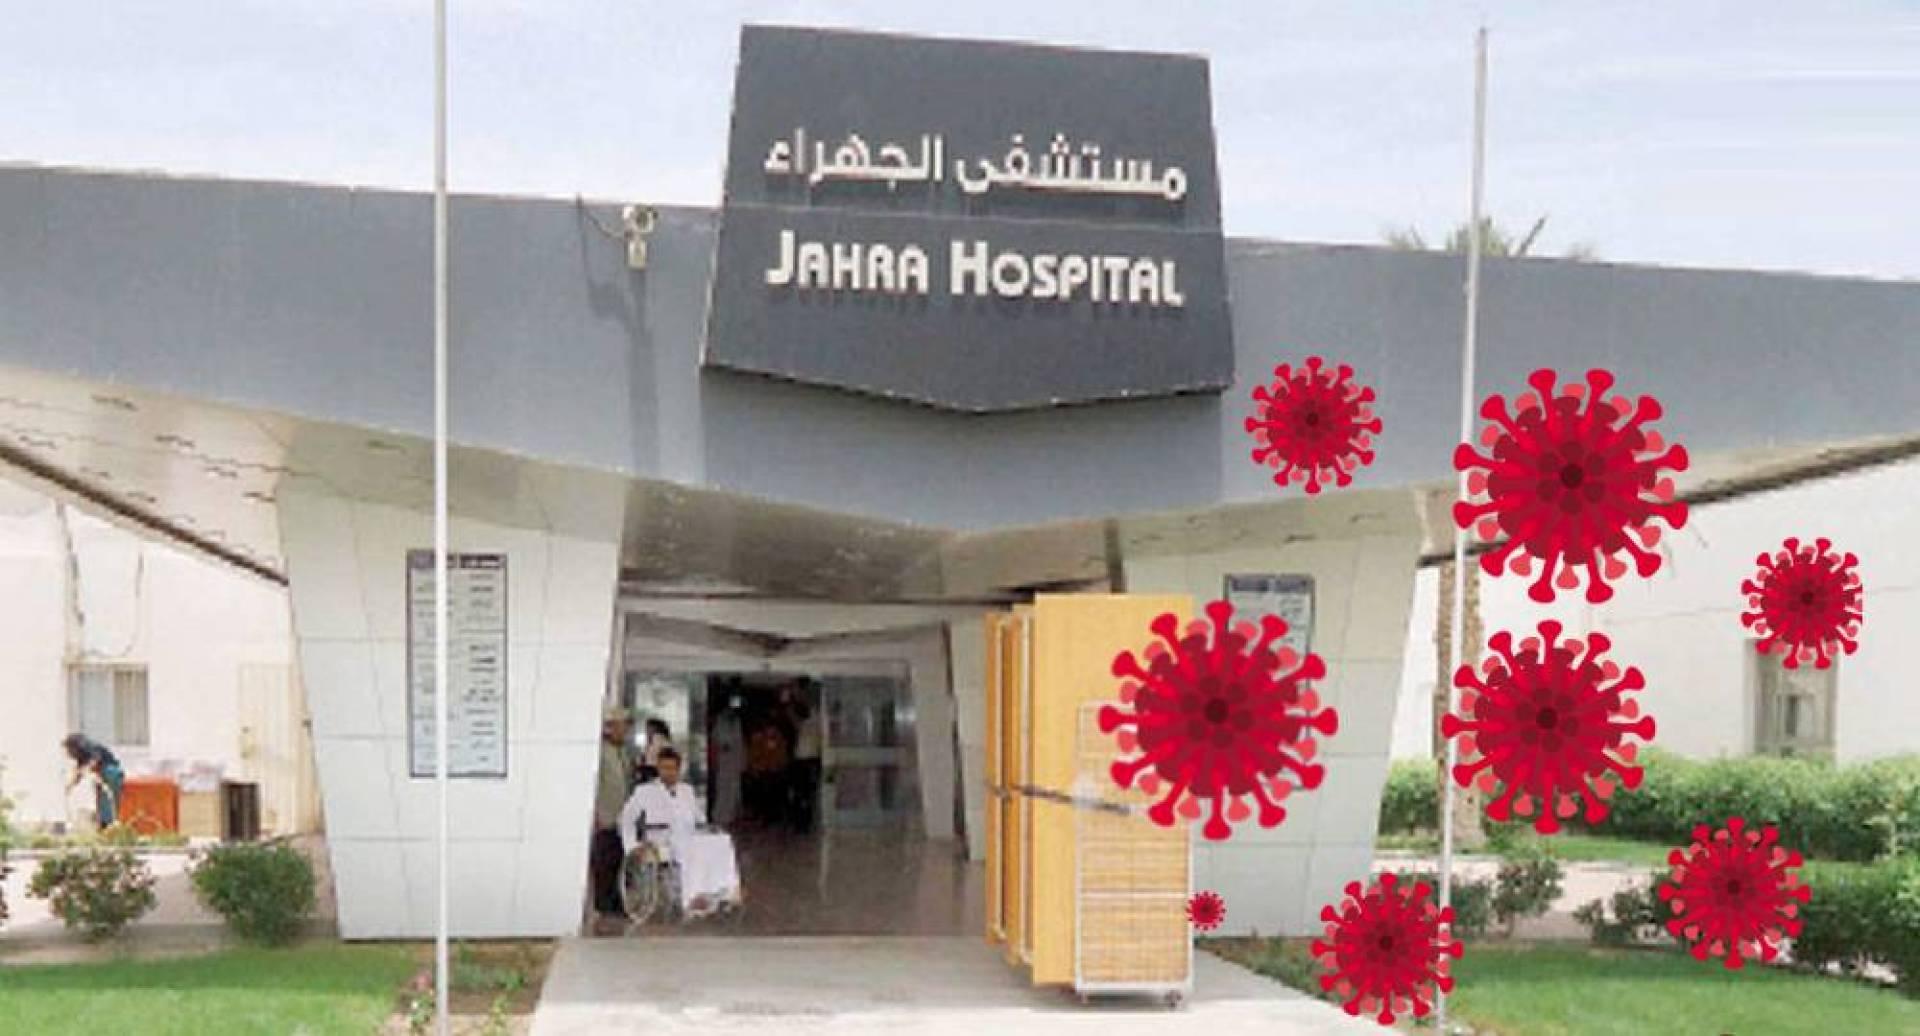 مصادر لـ «القبس»: فحص مخالط لأحد المصابين الثلاثة بكورونا